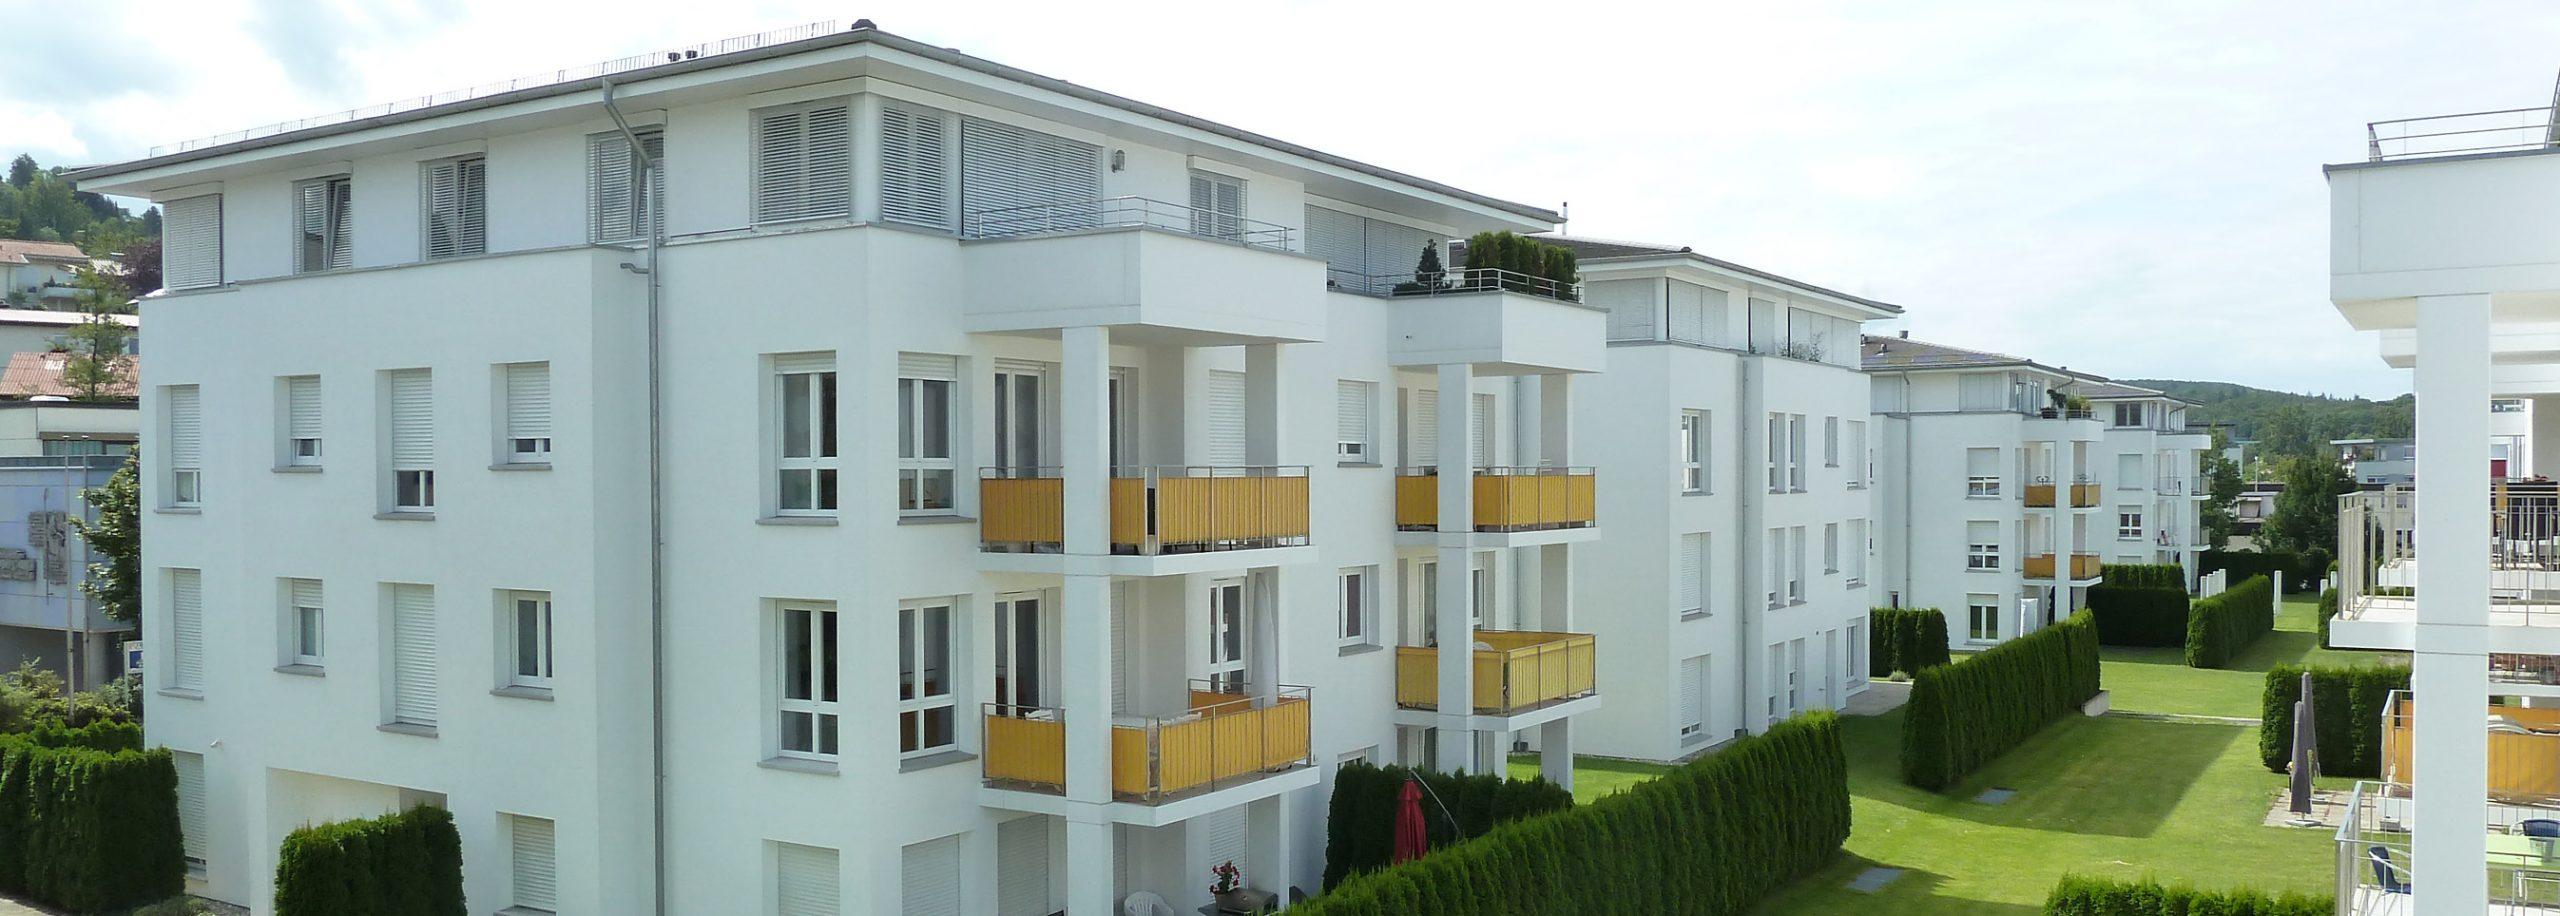 2-Zimmer-Wohnung – Werastraße 110, Reutlingen